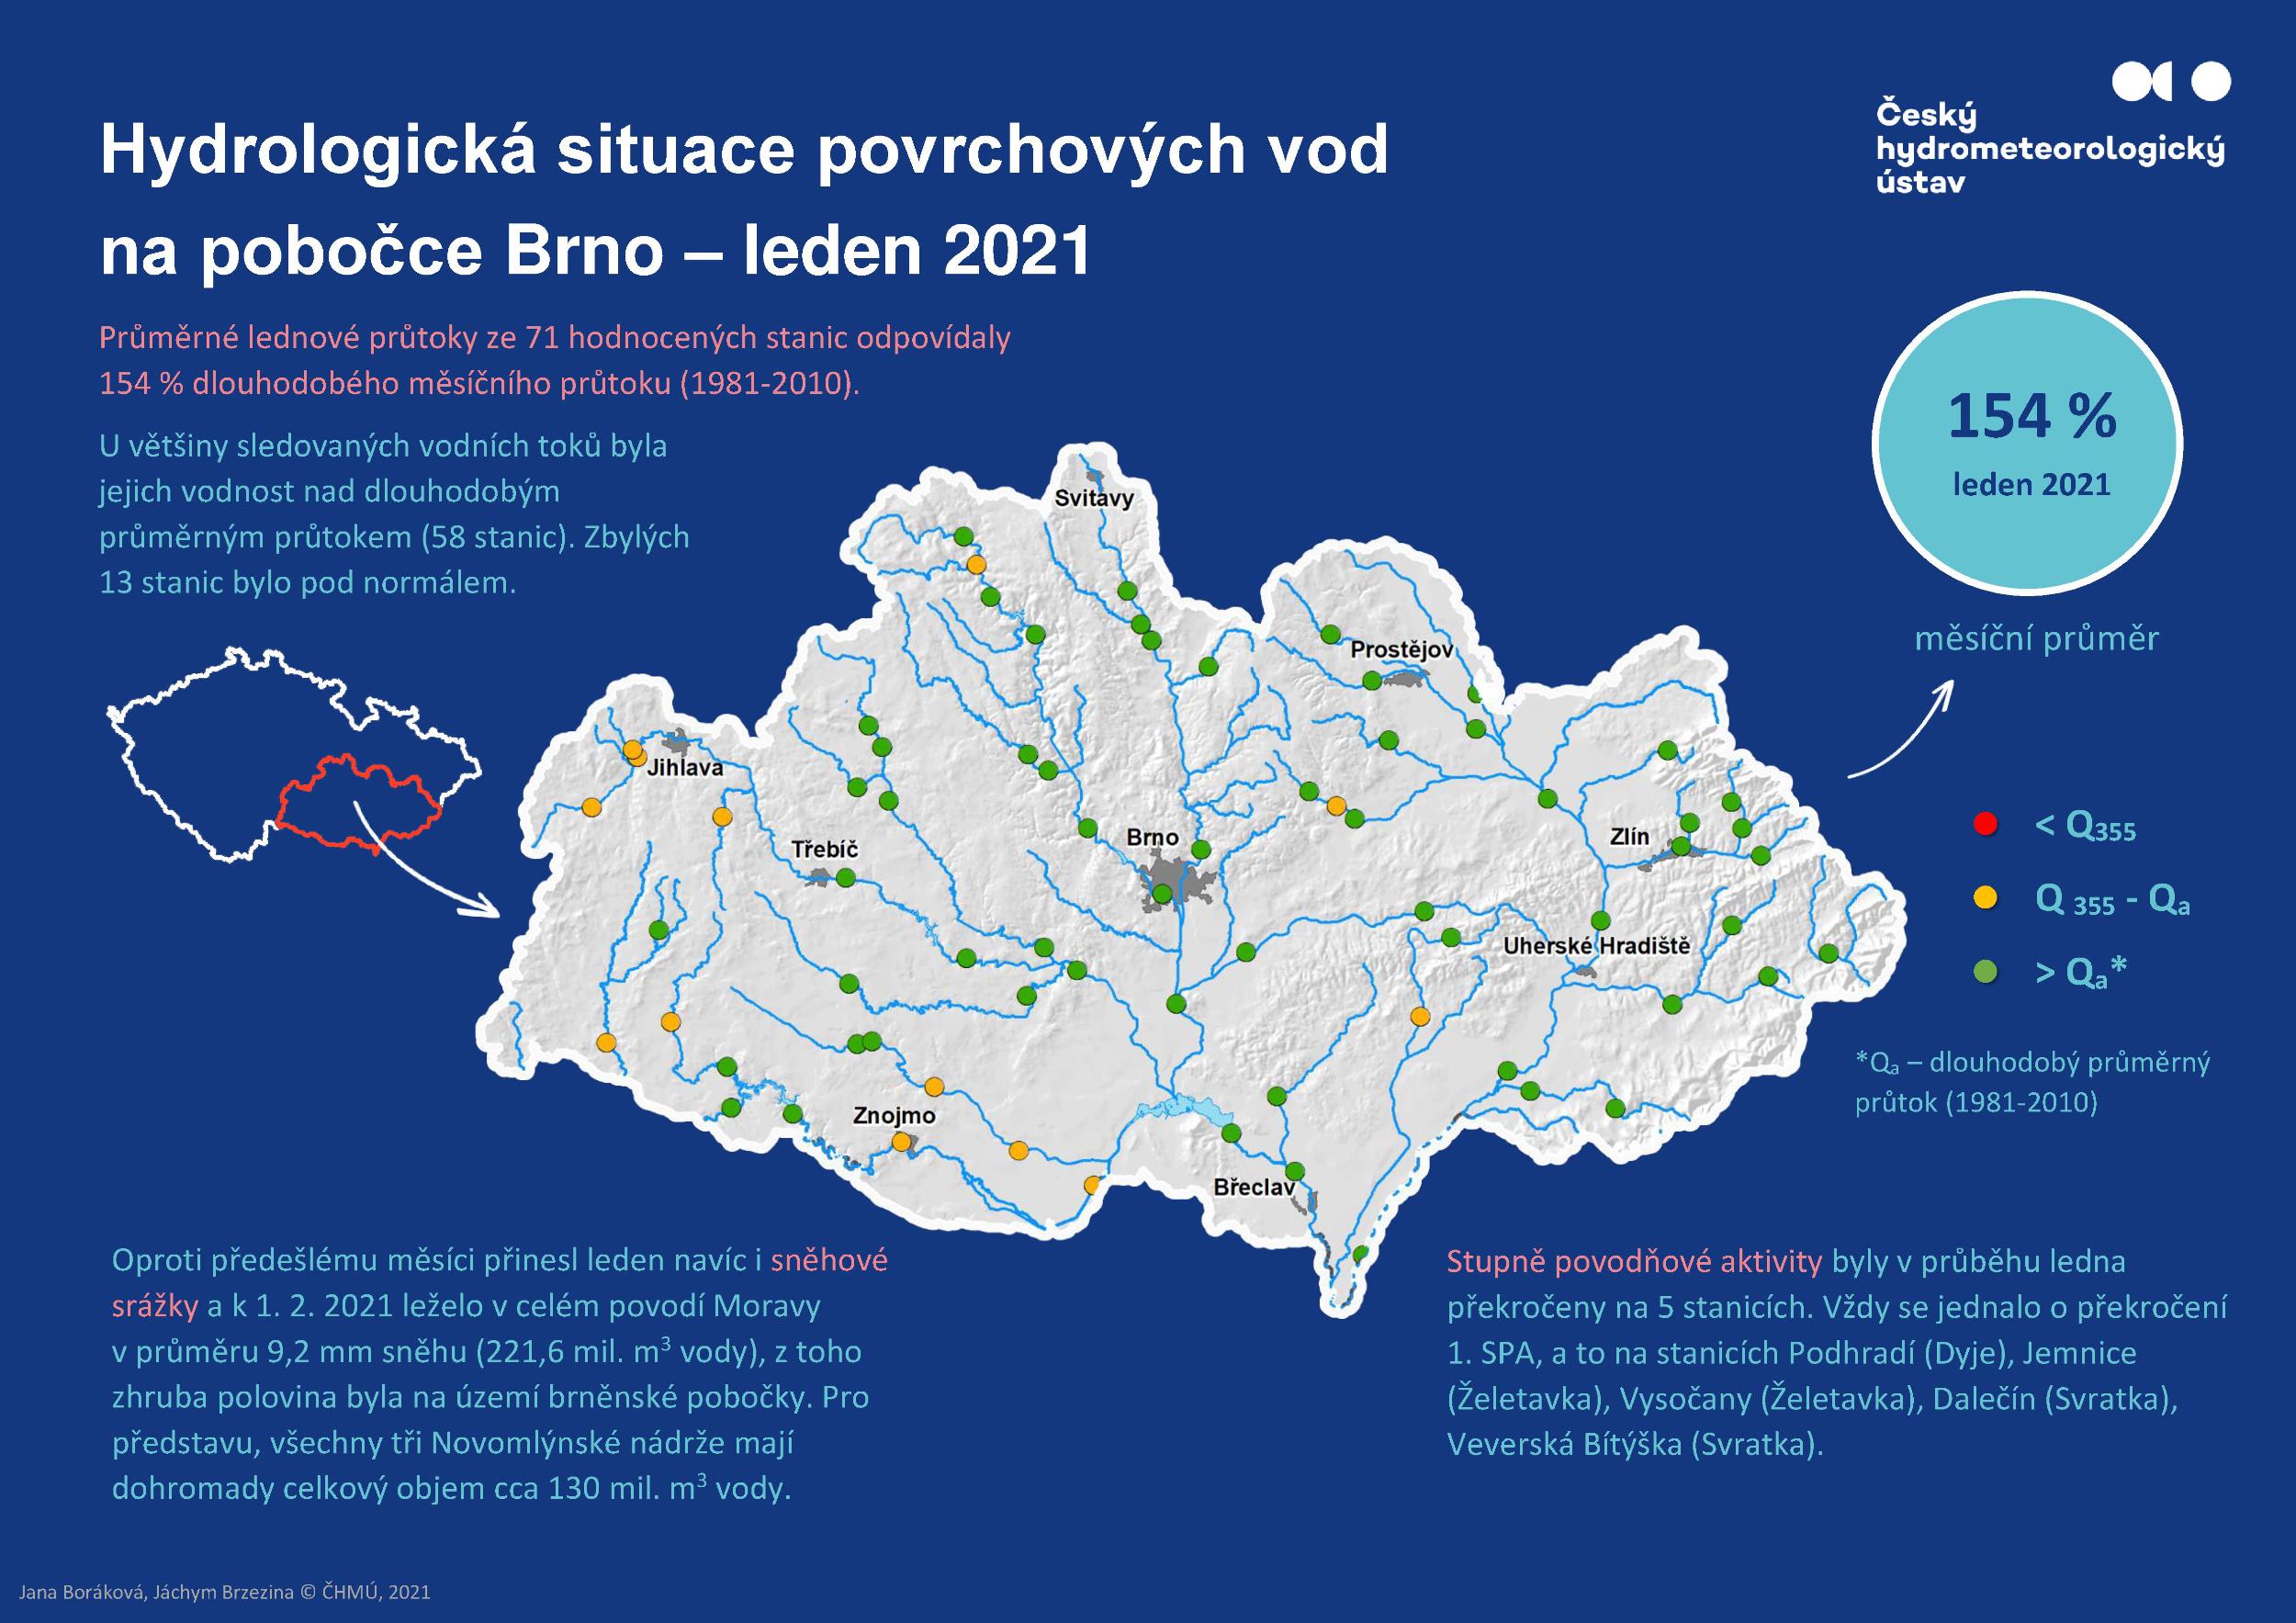 Hydrologická situace povrchových vod na pobočce Brno – leden 20211 min čtení